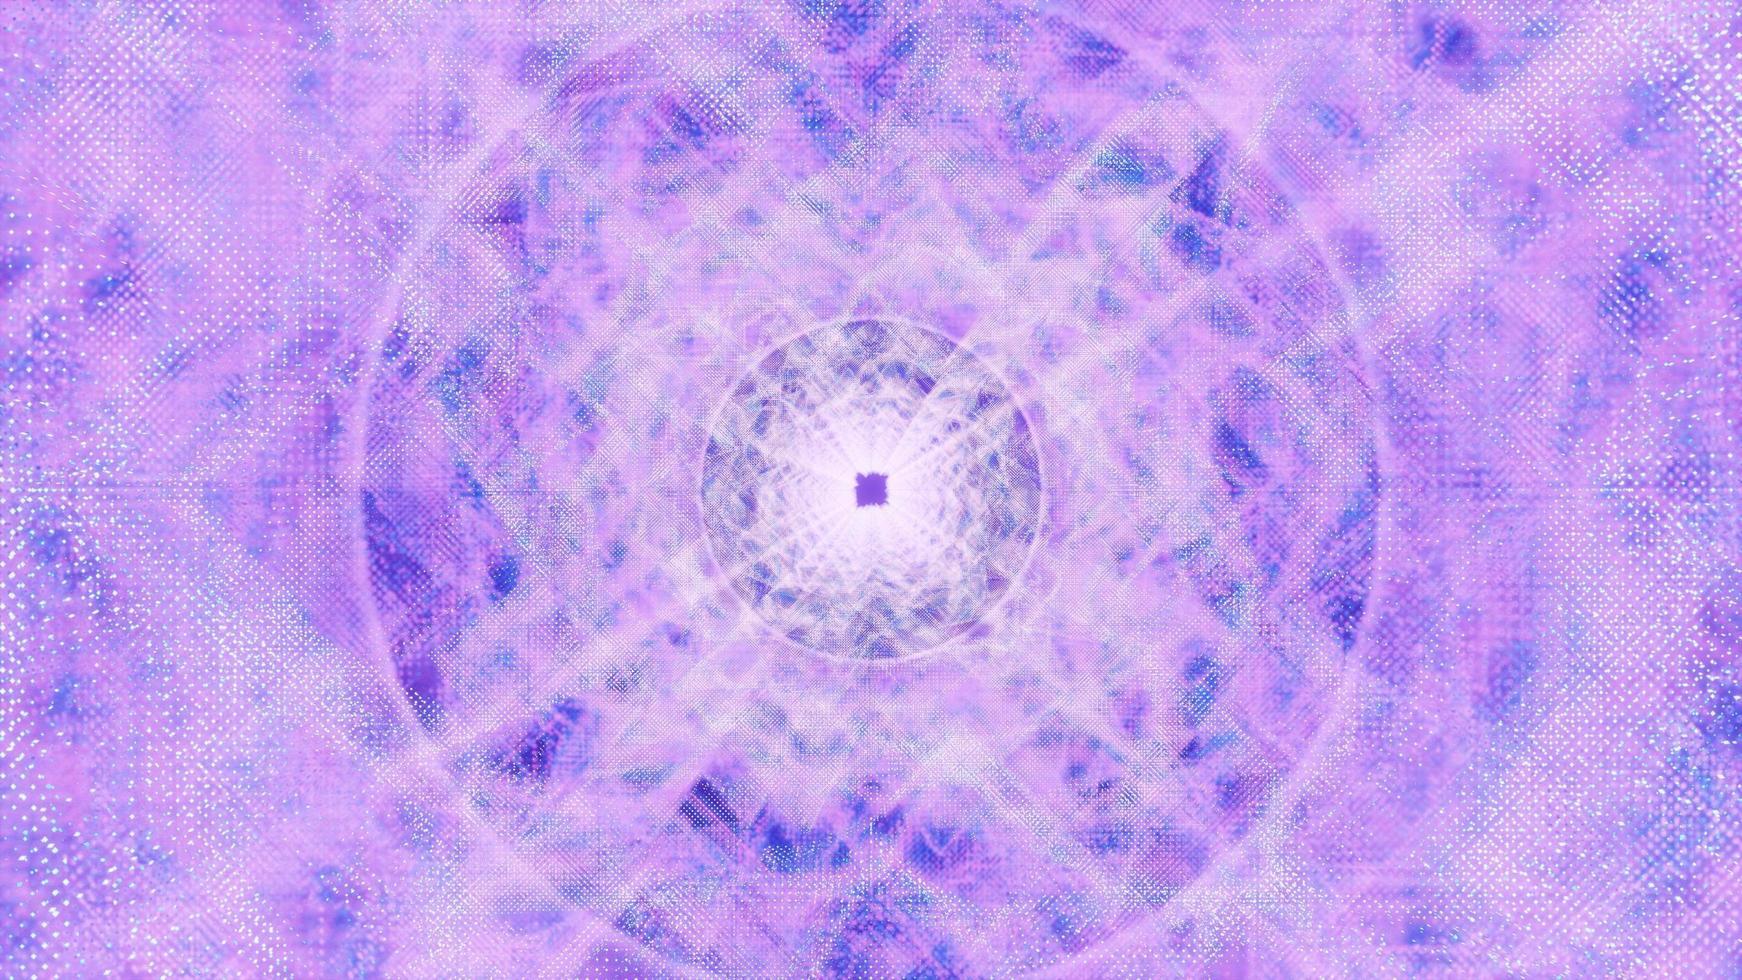 Fondo de pantalla de fondo de ilustración 3d abstracto rosa foto